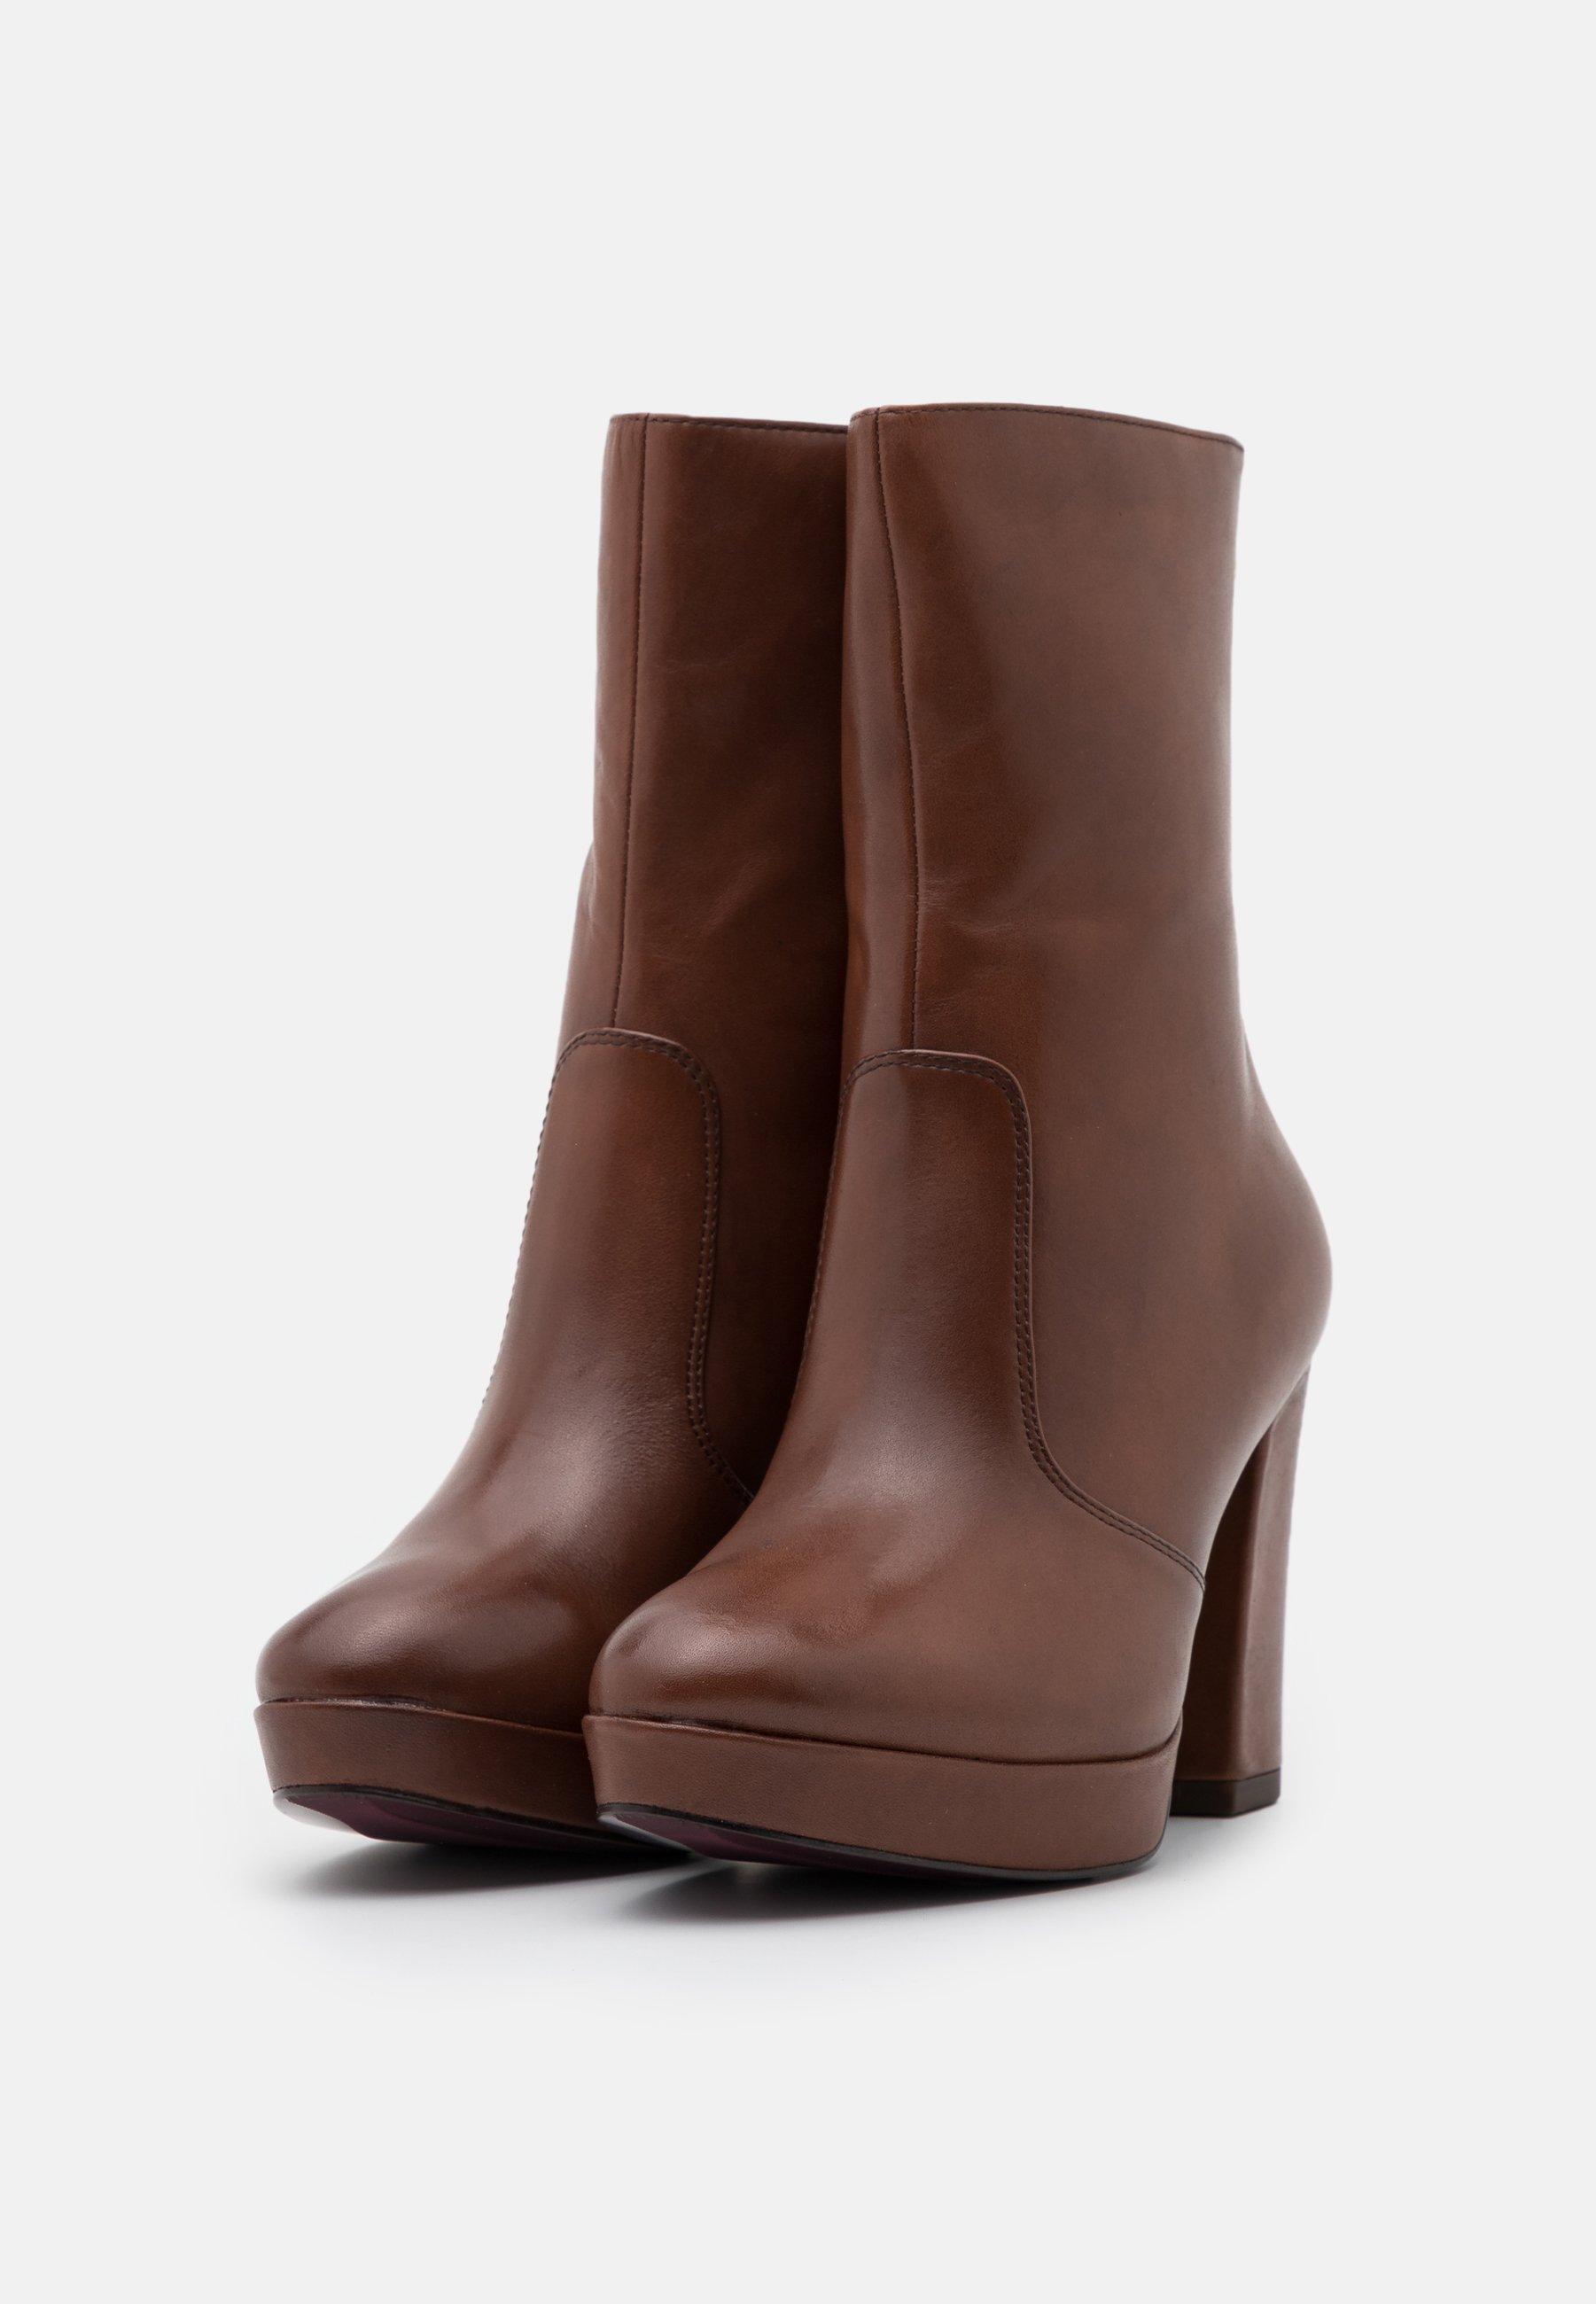 Tamaris Heart & Sole BOOTS  High Heel Stiefelette brandy/cognac